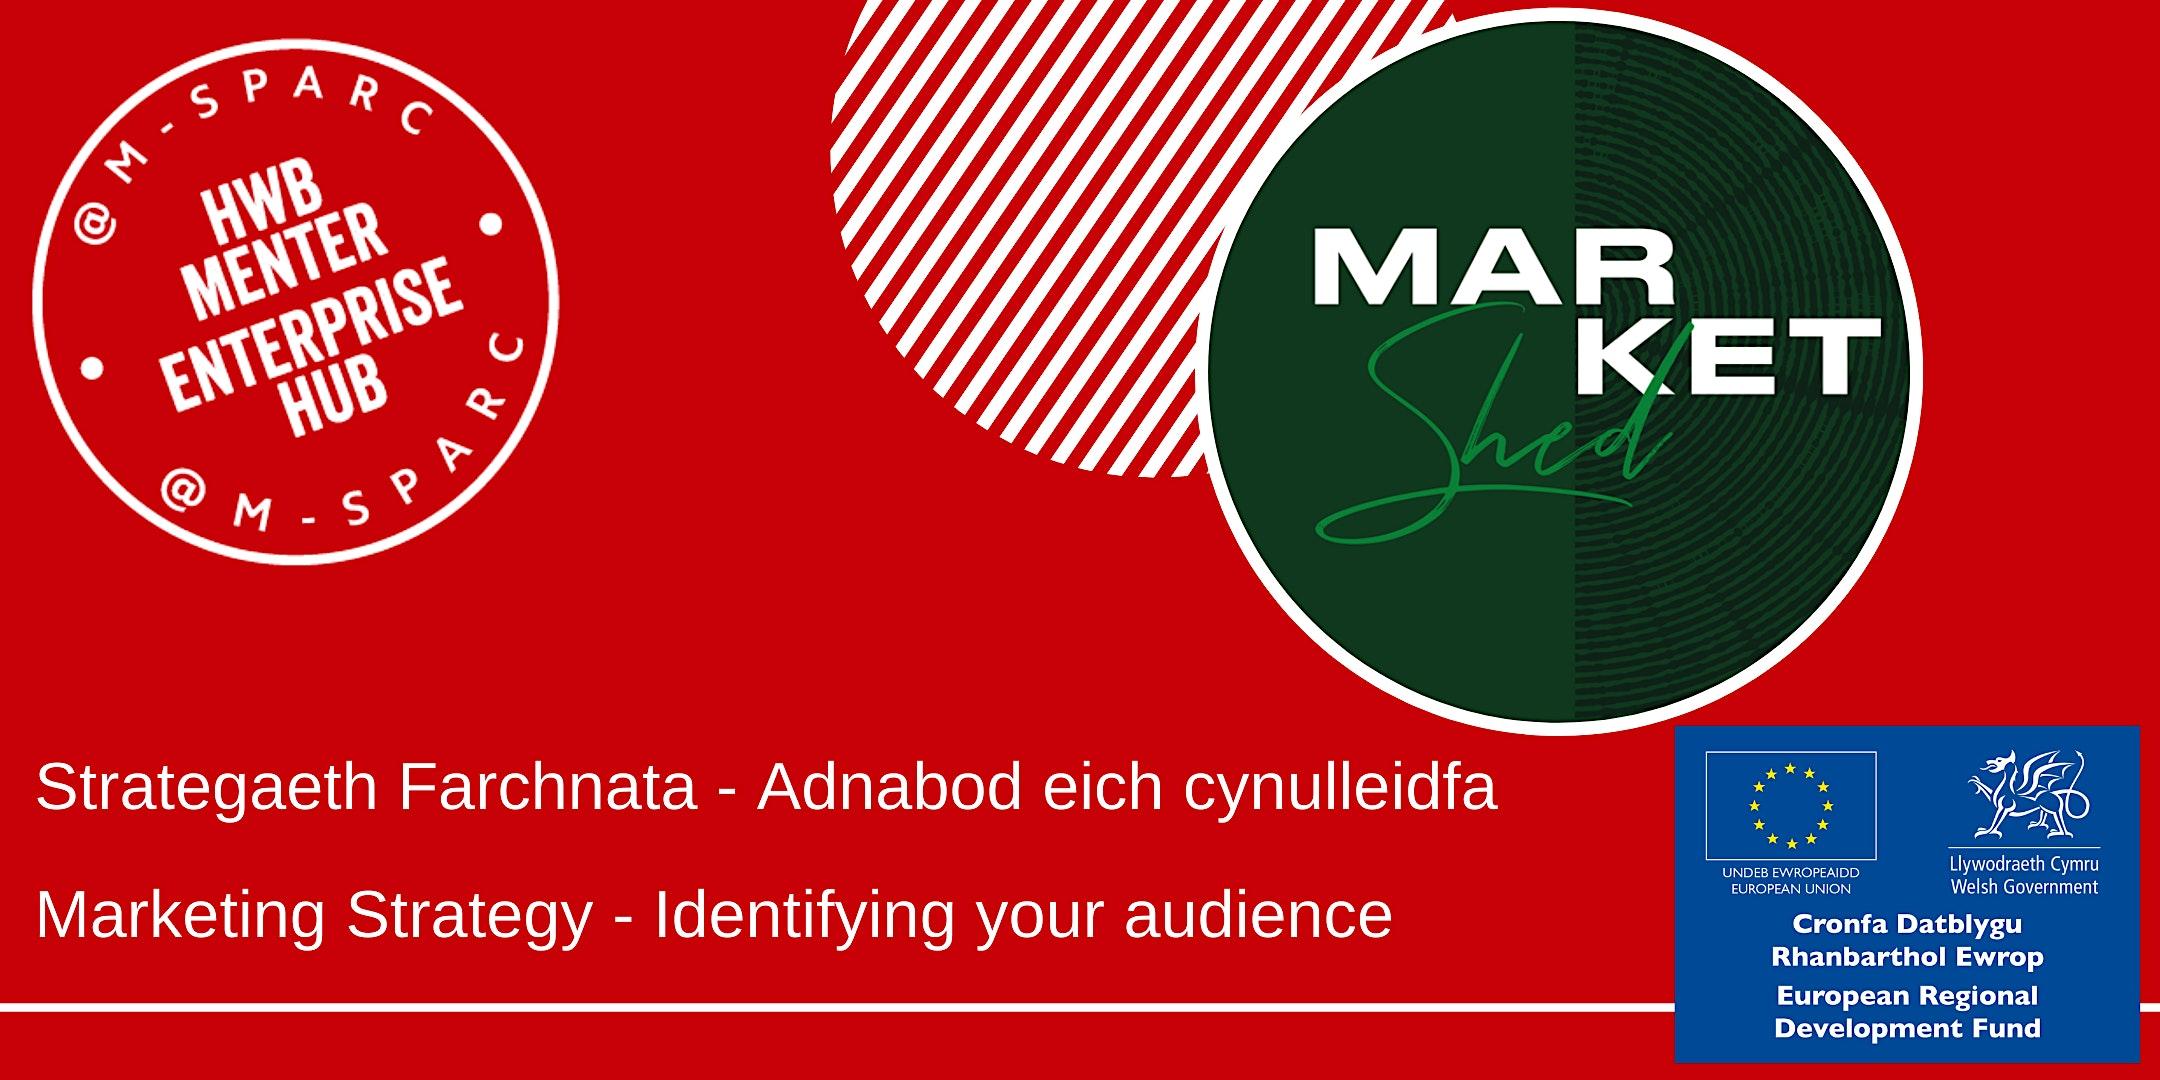 Adeiladu Strategaeth Farchnata 2 // Building a Marketing Strategy 2